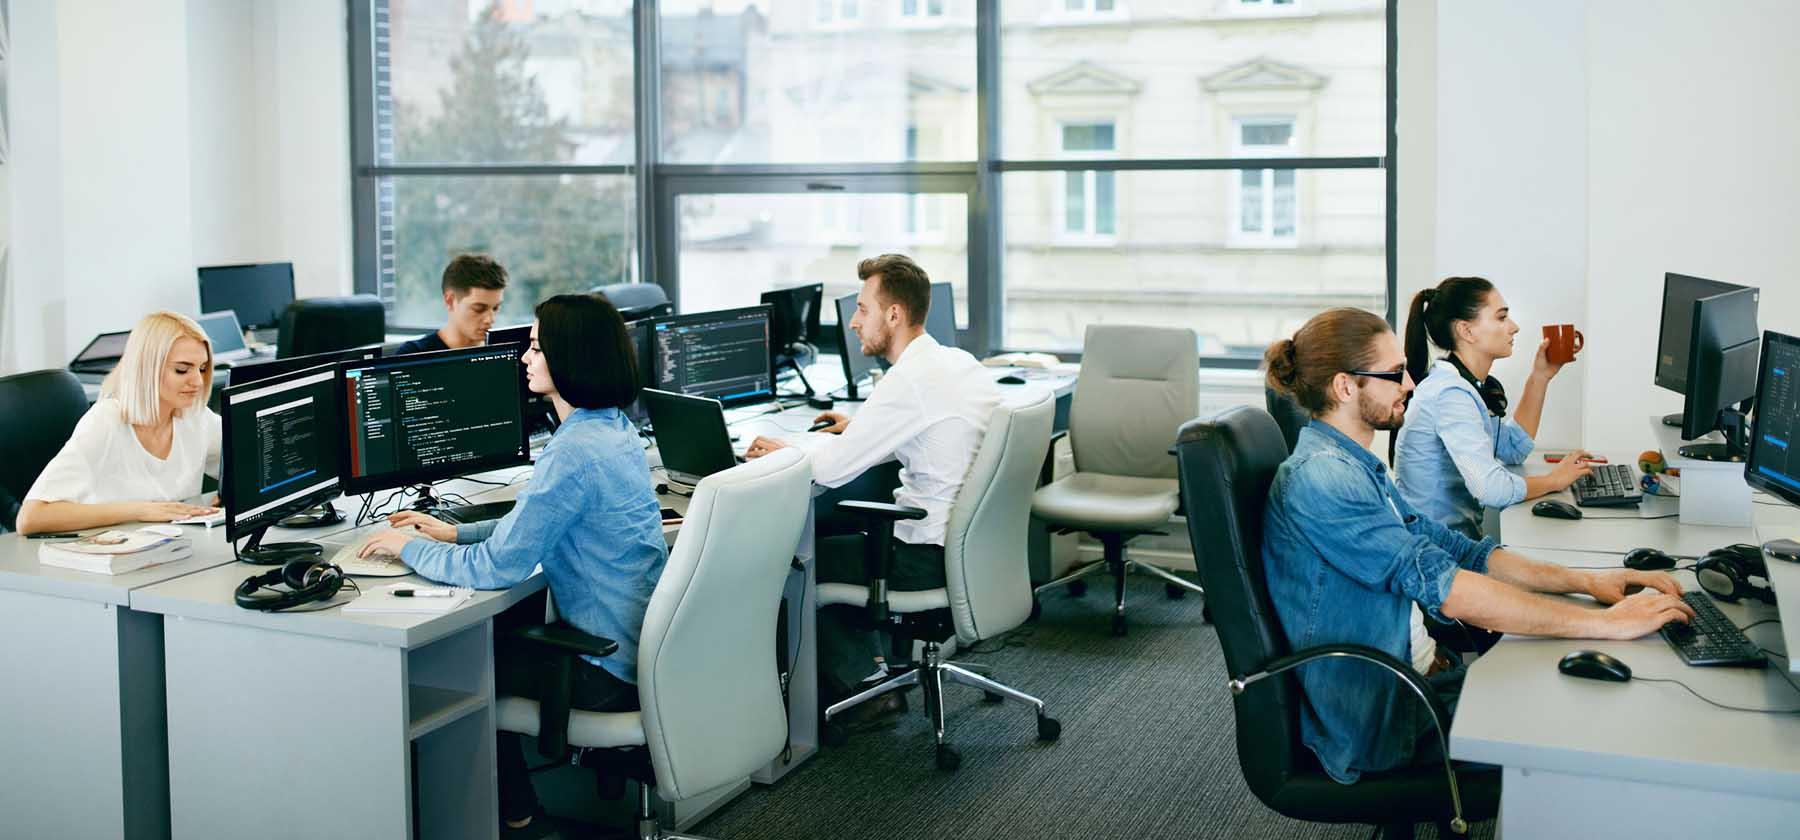 Equipo de diferentes desarrolladores (3) y desarrolladoras (3) trabajando en una oficina,.